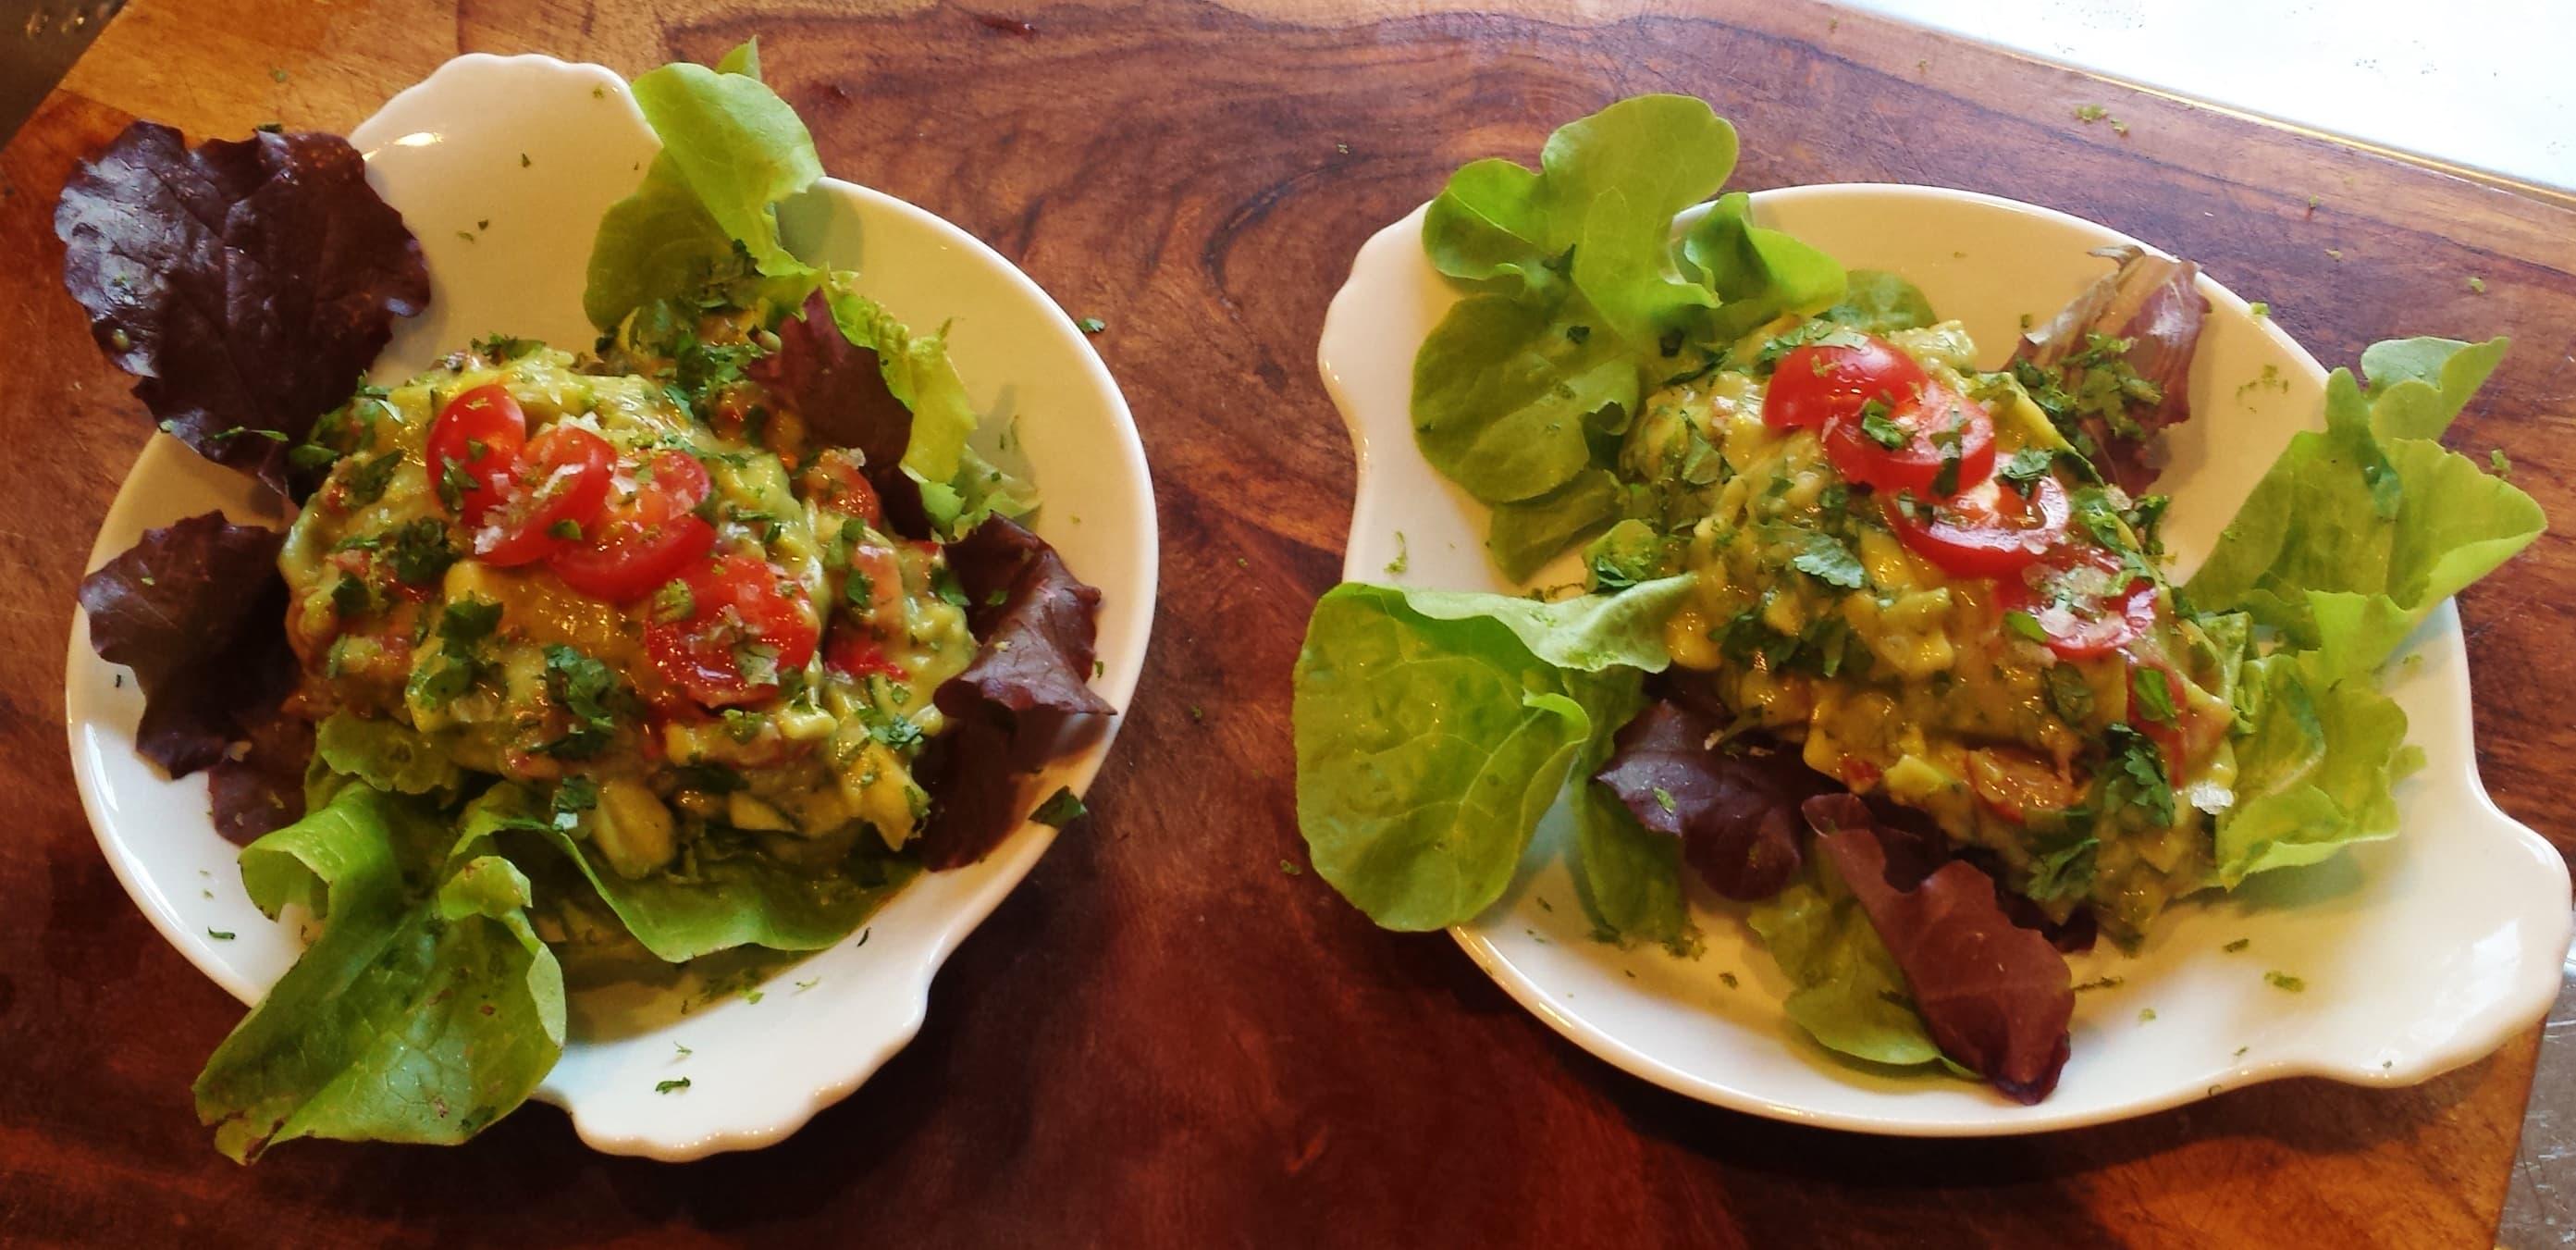 Tartare de Legumes or Cool Summer Vegetables